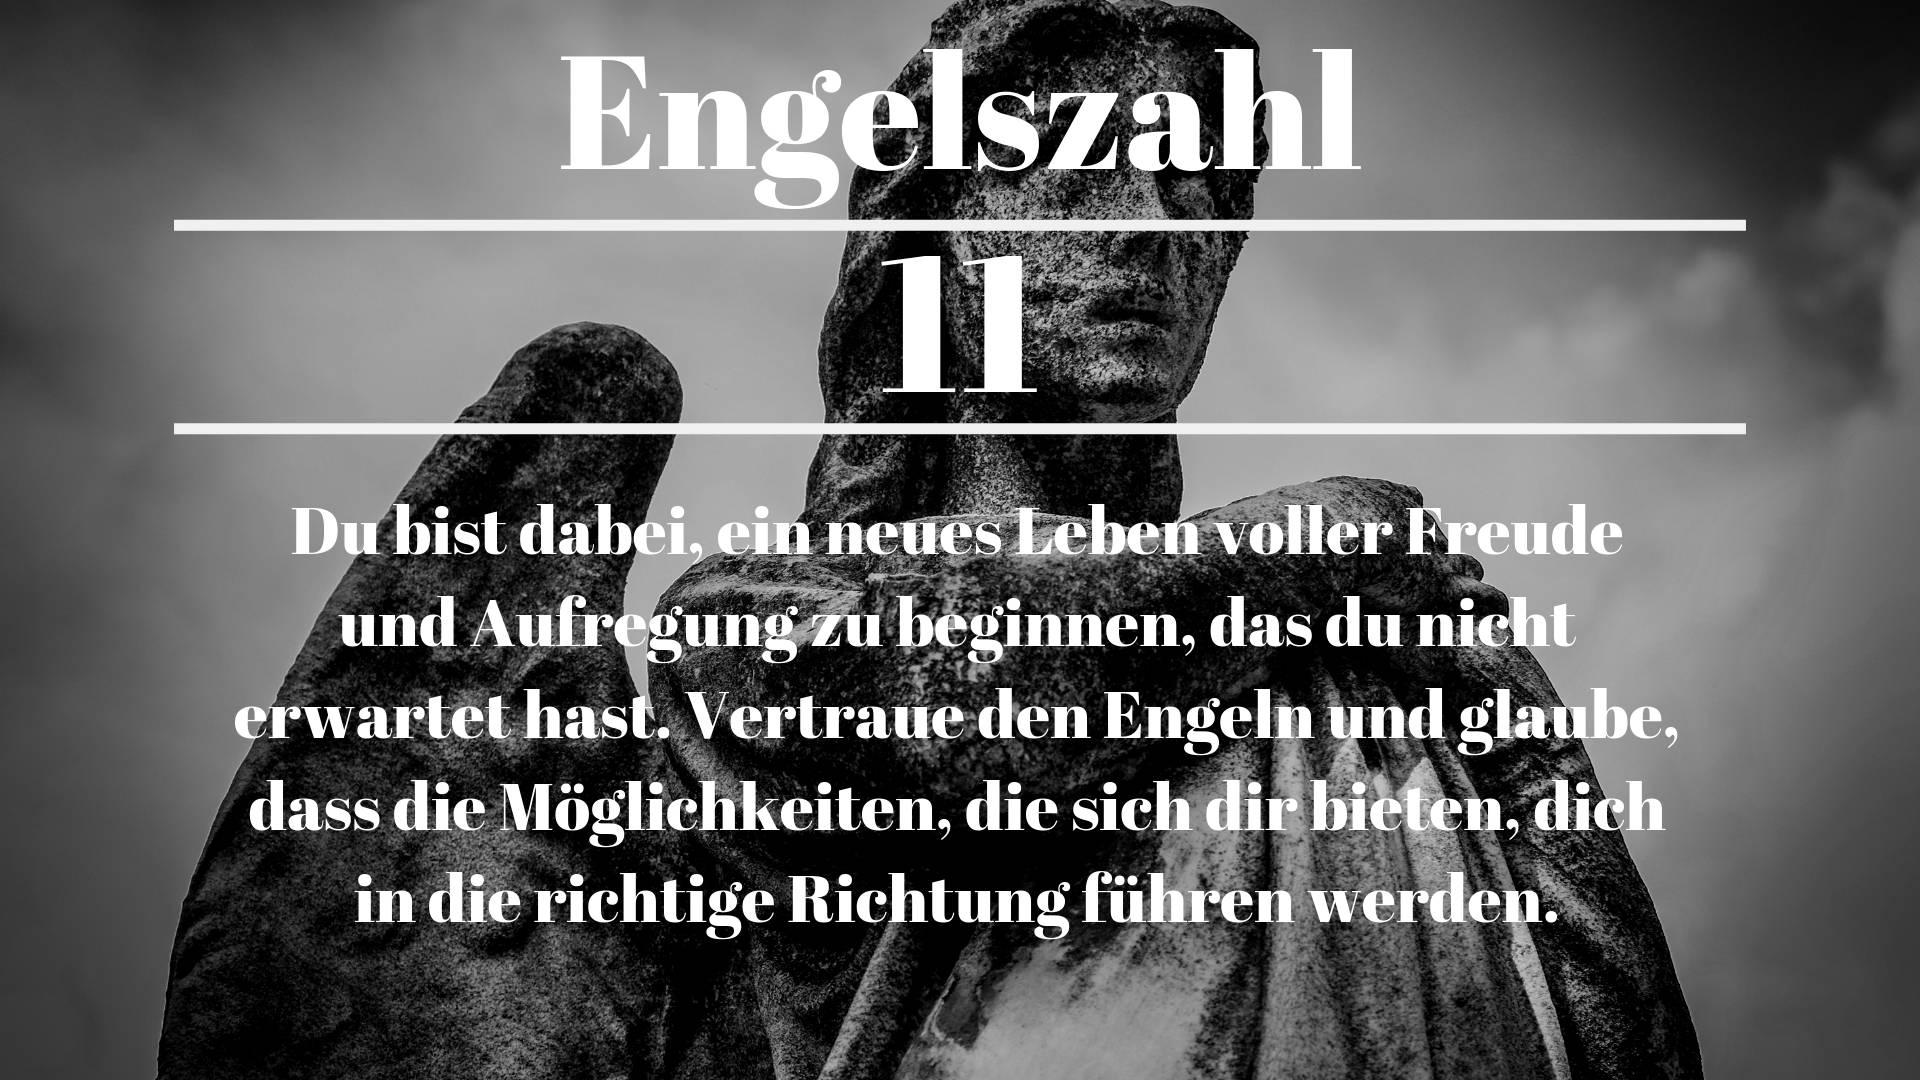 Engelszahl 11 und ihre Bedeutung – Warum siehst du 11?